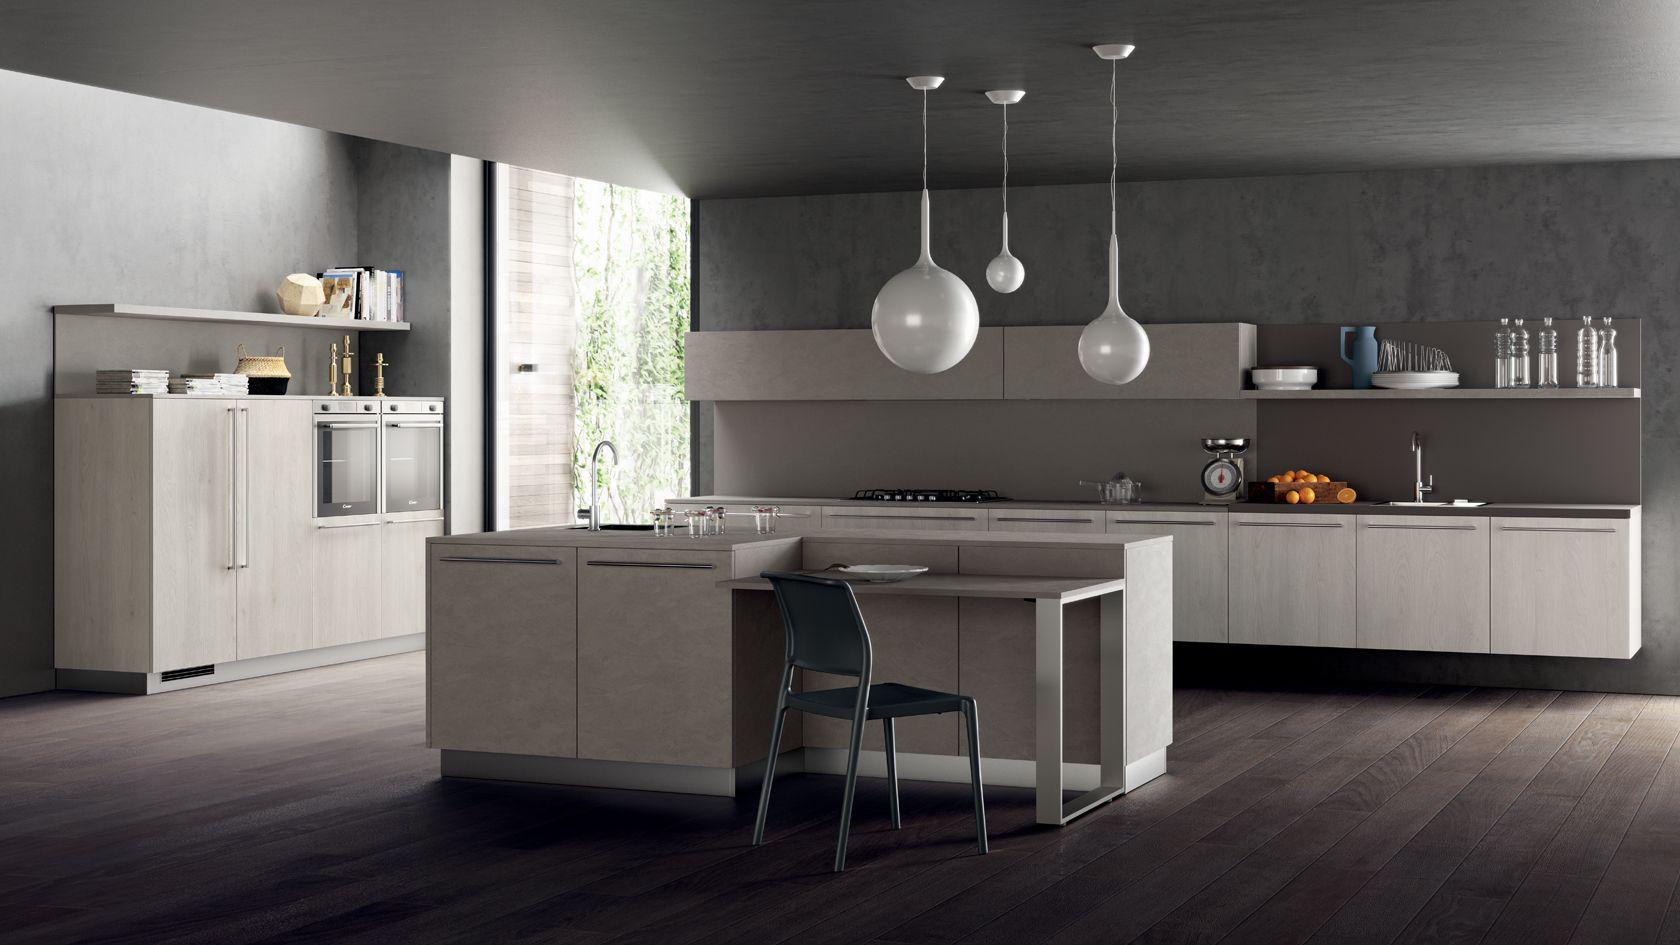 Cucina Mood Sito Ufficiale Scavolini Italian Kitchen Cabinets